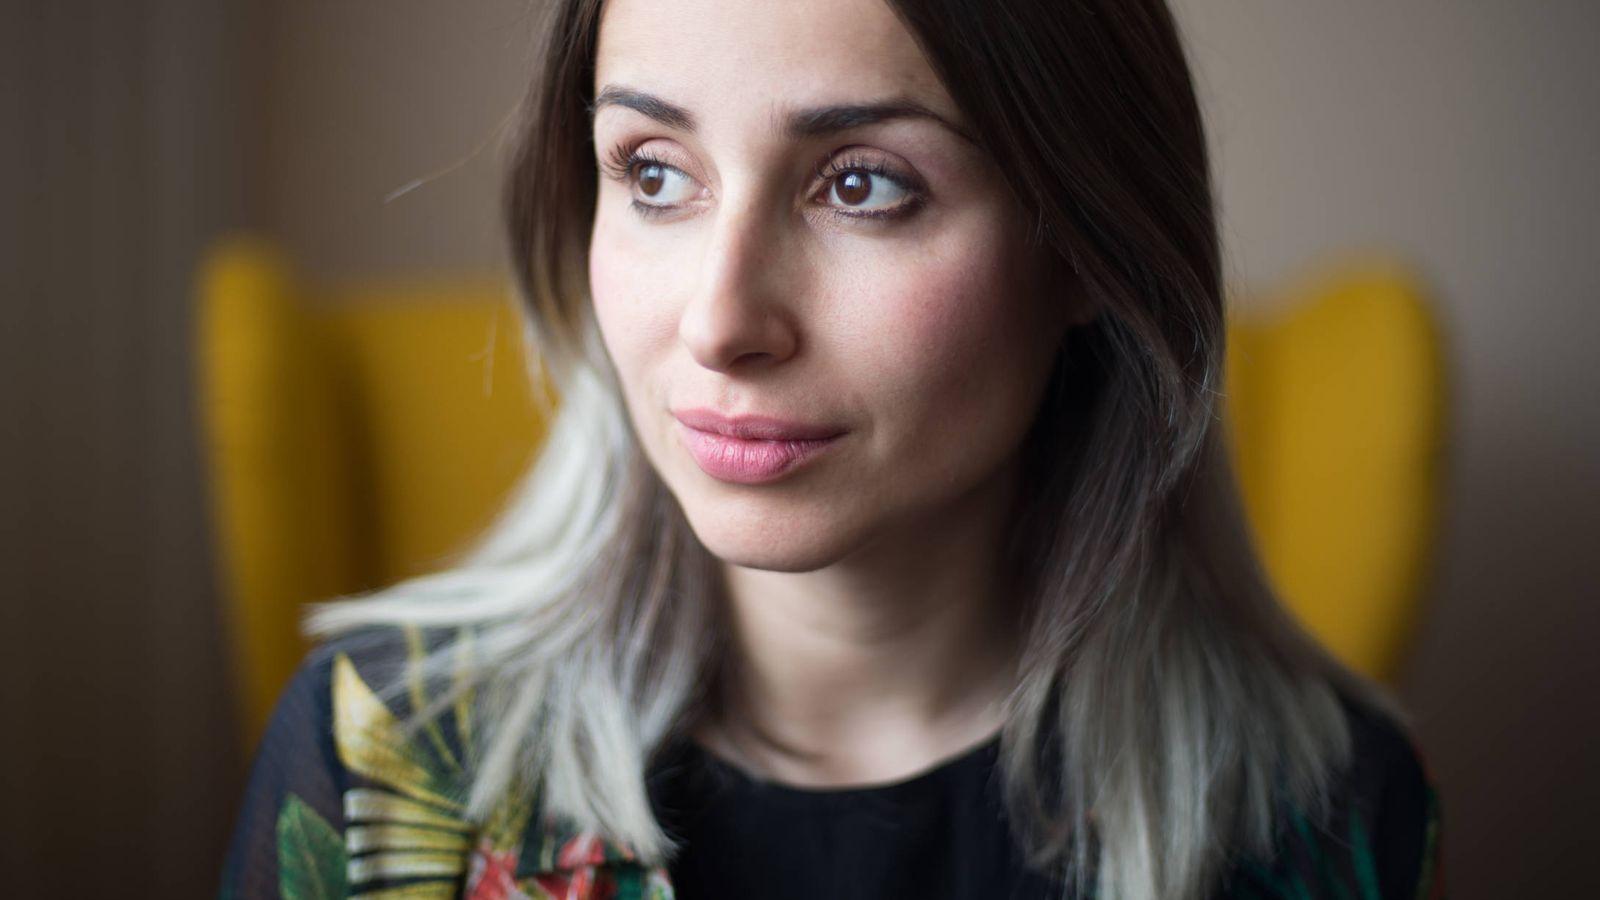 entrevista zahara amaia ot 2017 feminismo musica literatura libro mario vargas llosa